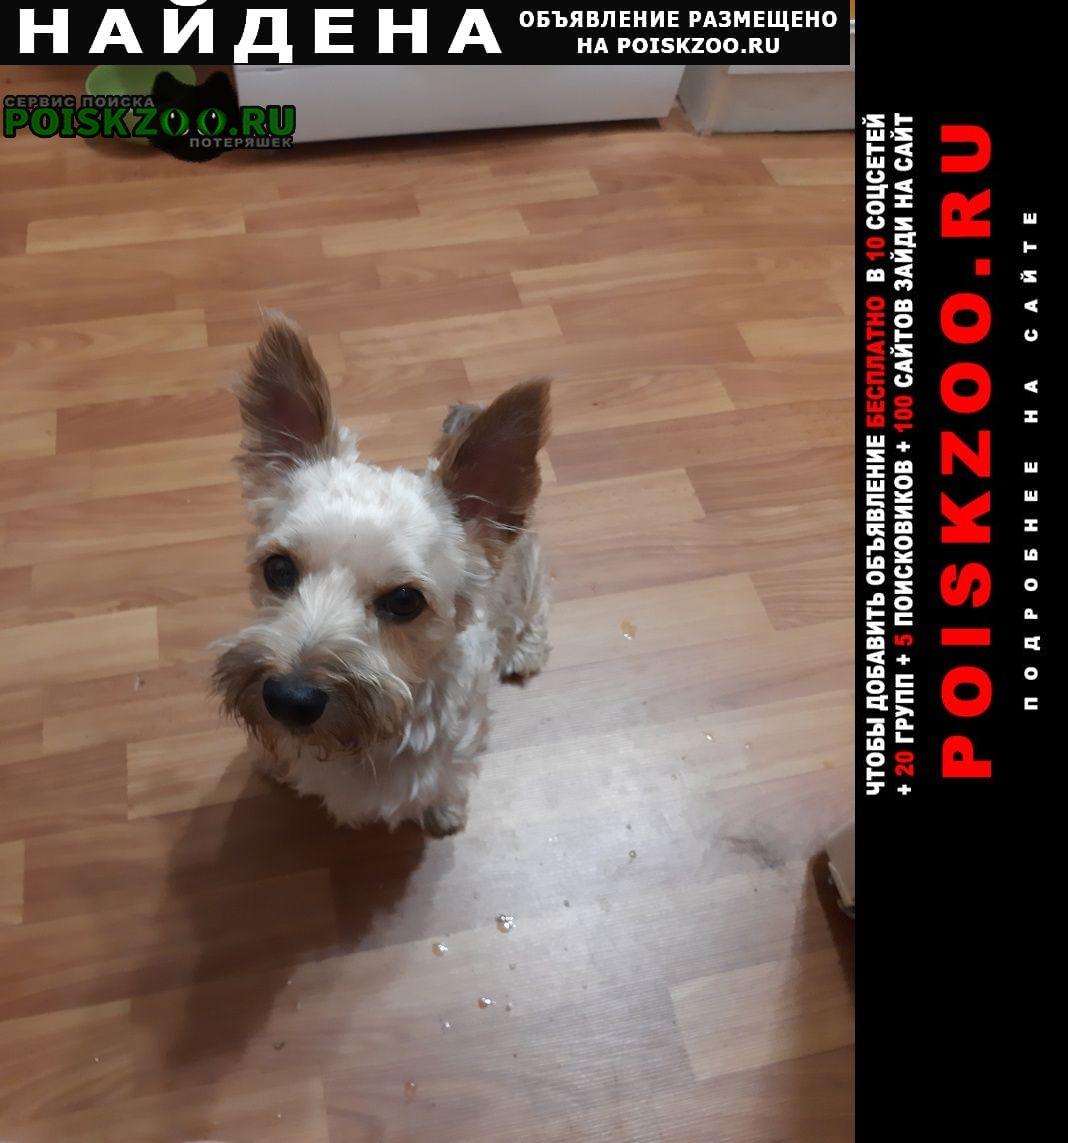 Найдена собака кобель сегодня в 20:00 Санкт-Петербург